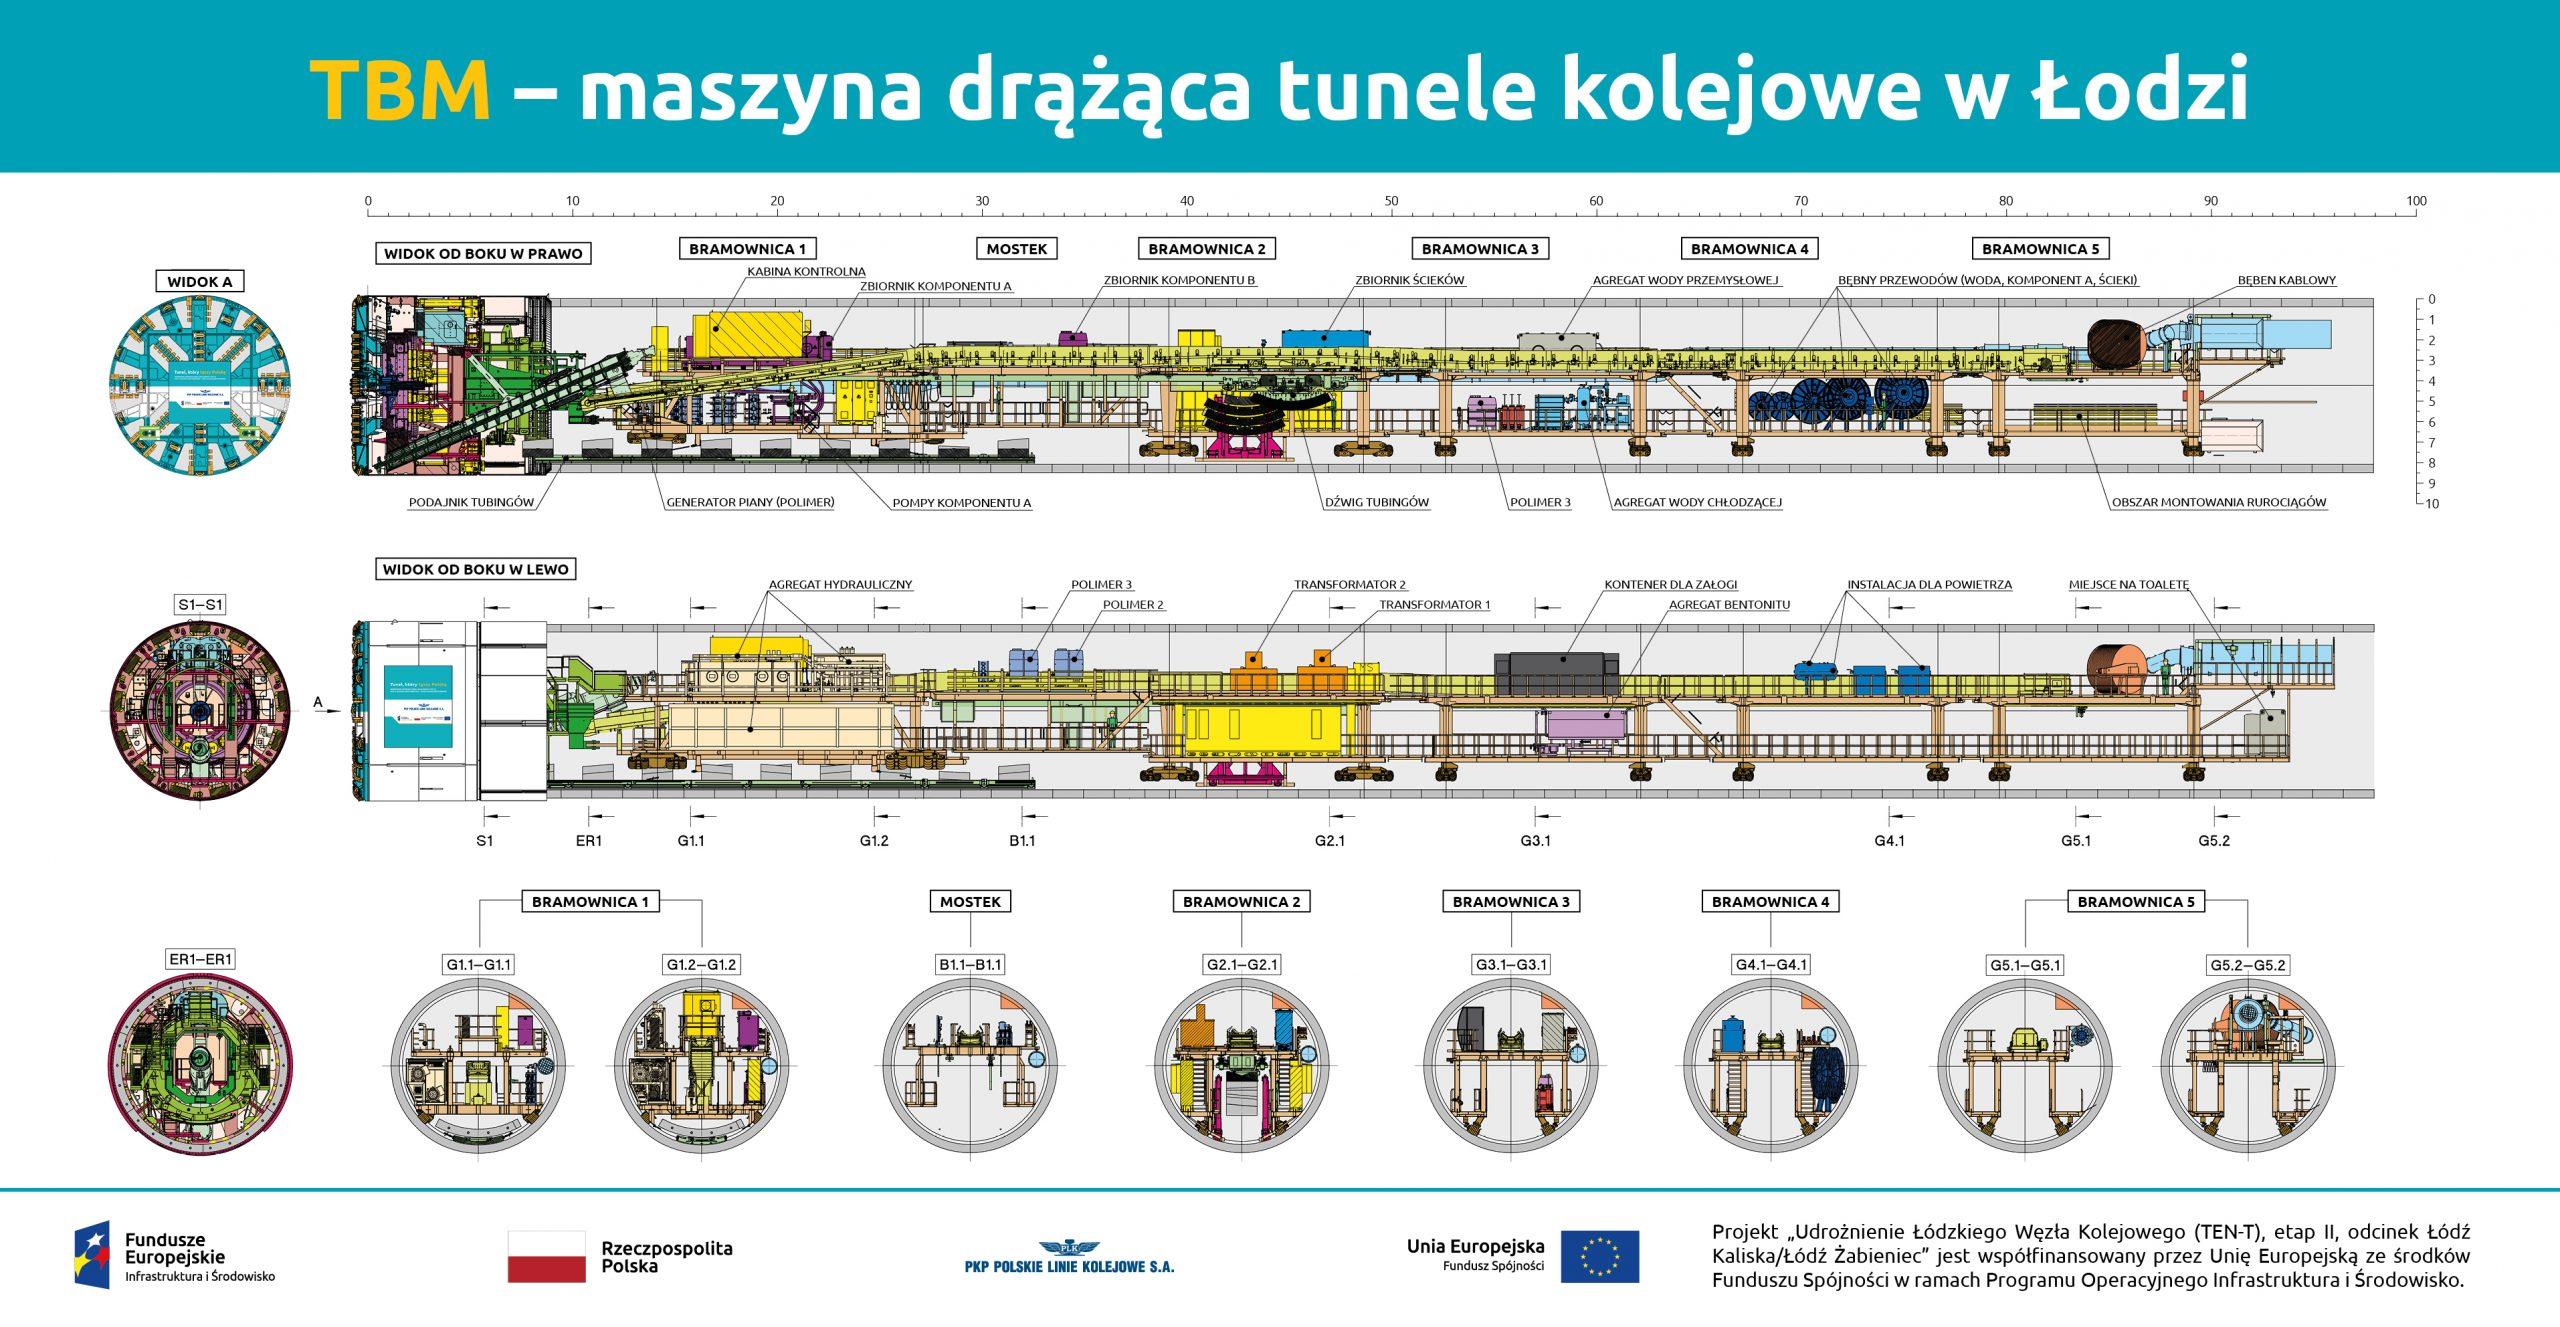 maszyna drążąca tunele kolejowe w Łodzi - infografika